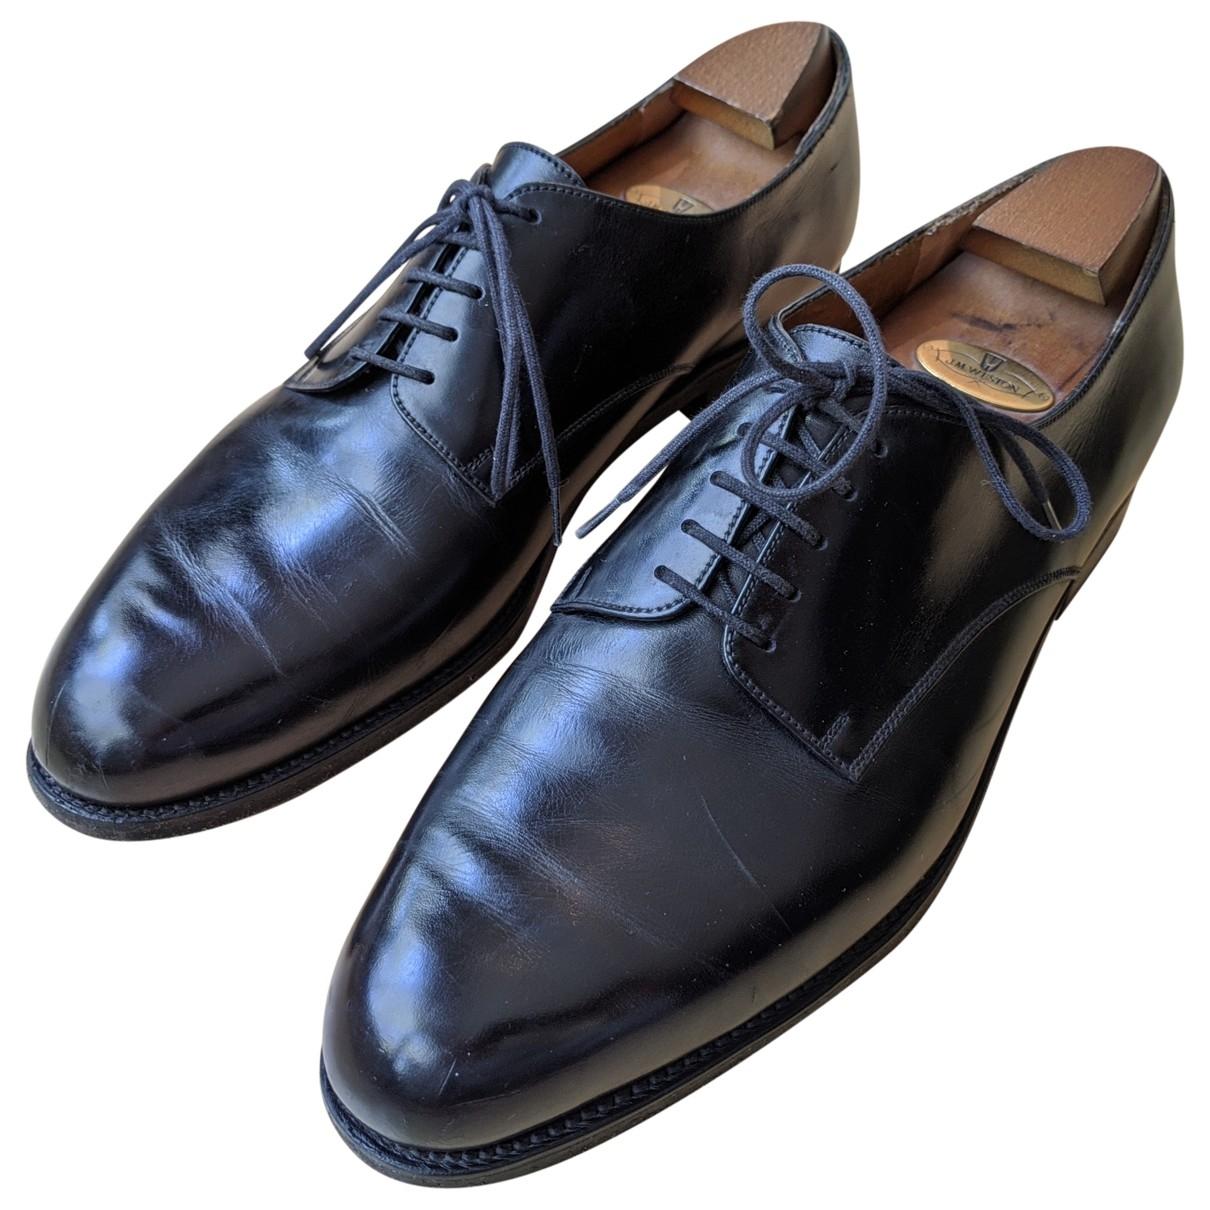 Jm Weston \N Black Leather Lace ups for Men 10 UK